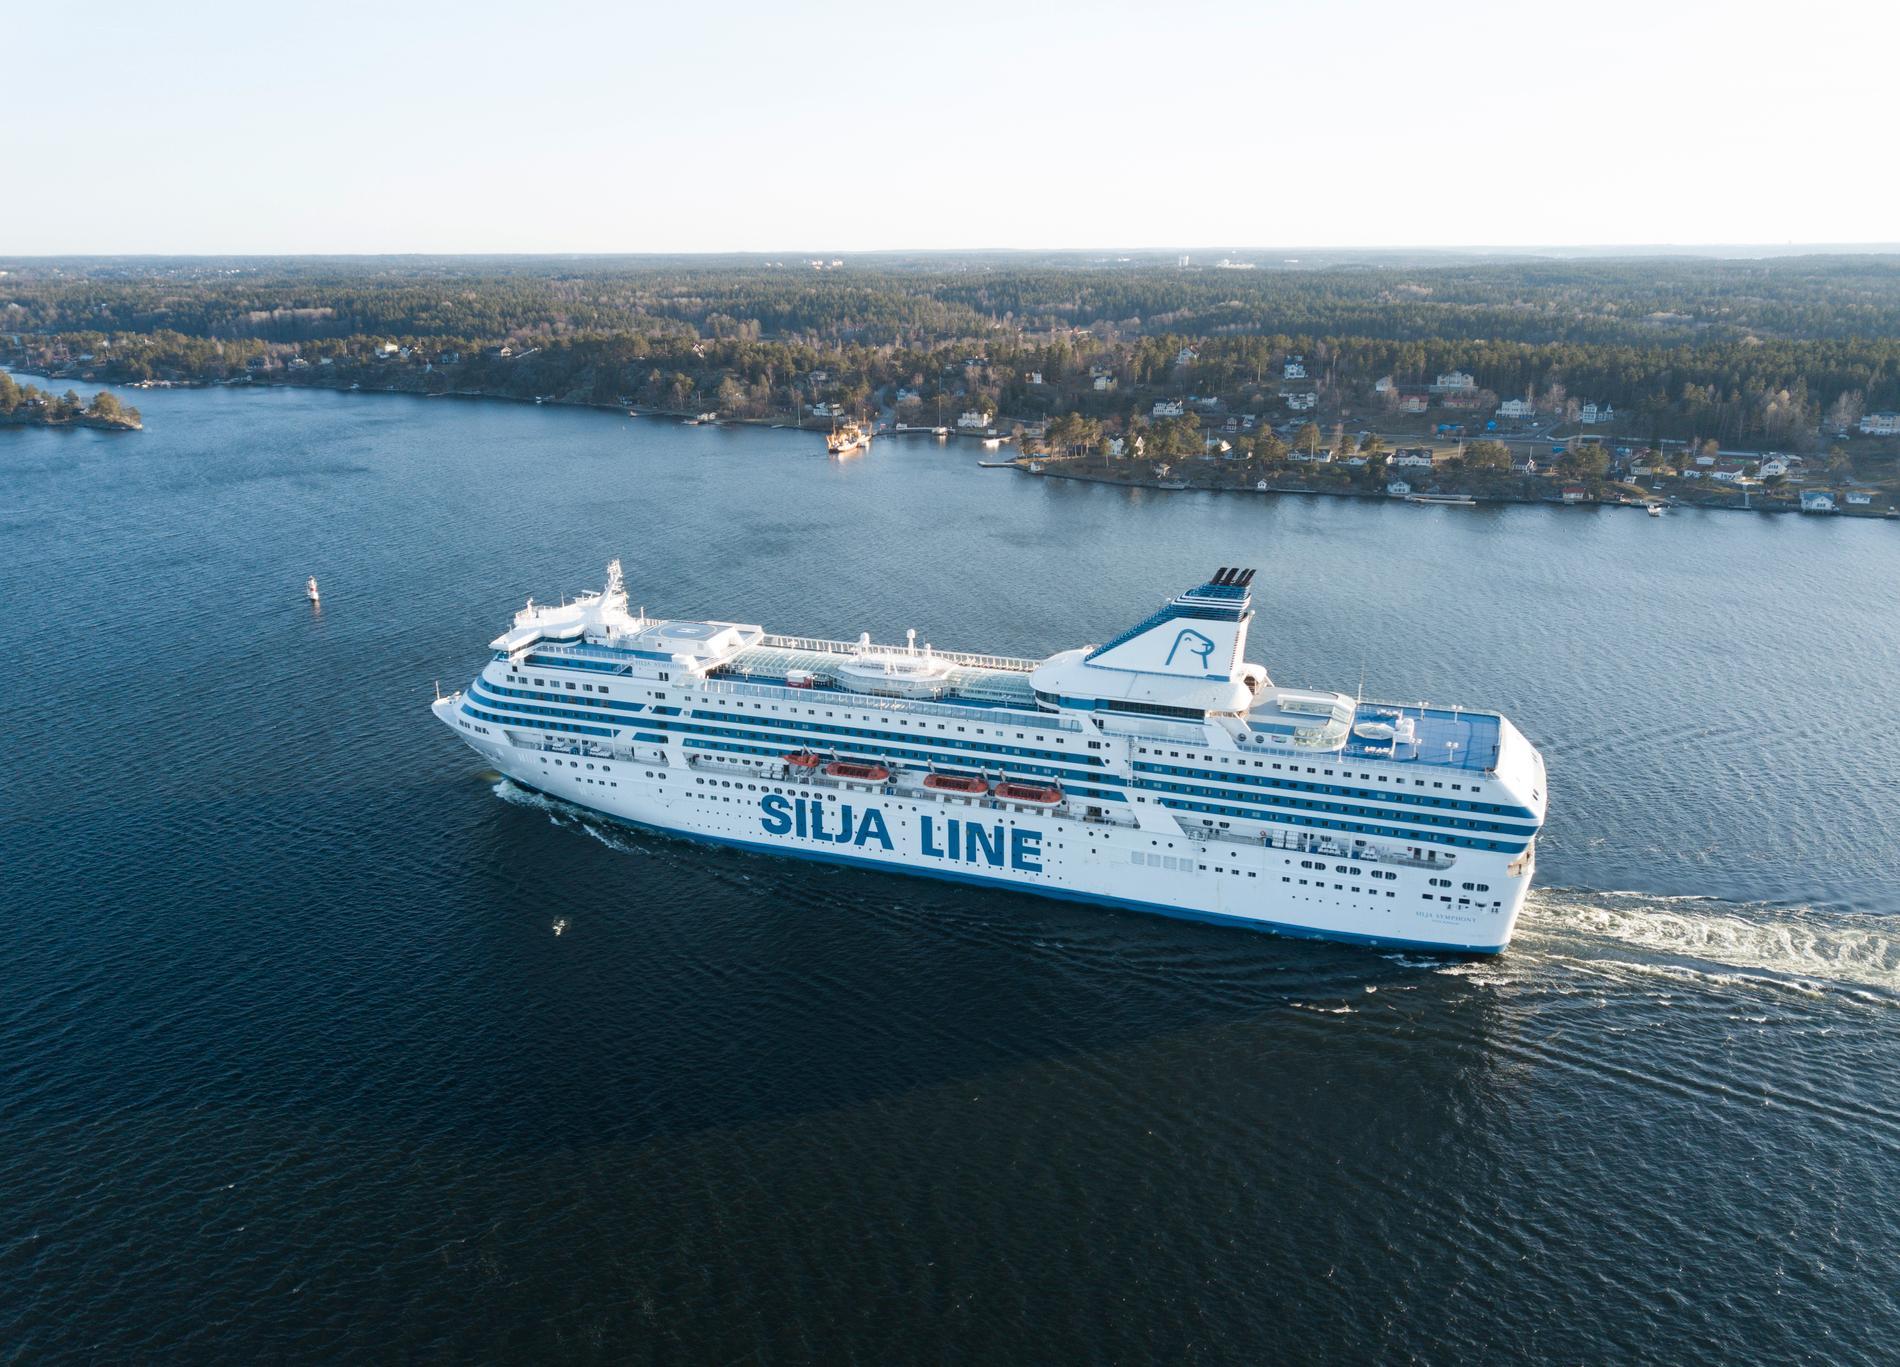 Passagerarfärjan M/S Silja Symphony från Silja Line, här i Stockholms skärgård. Arkivbild.